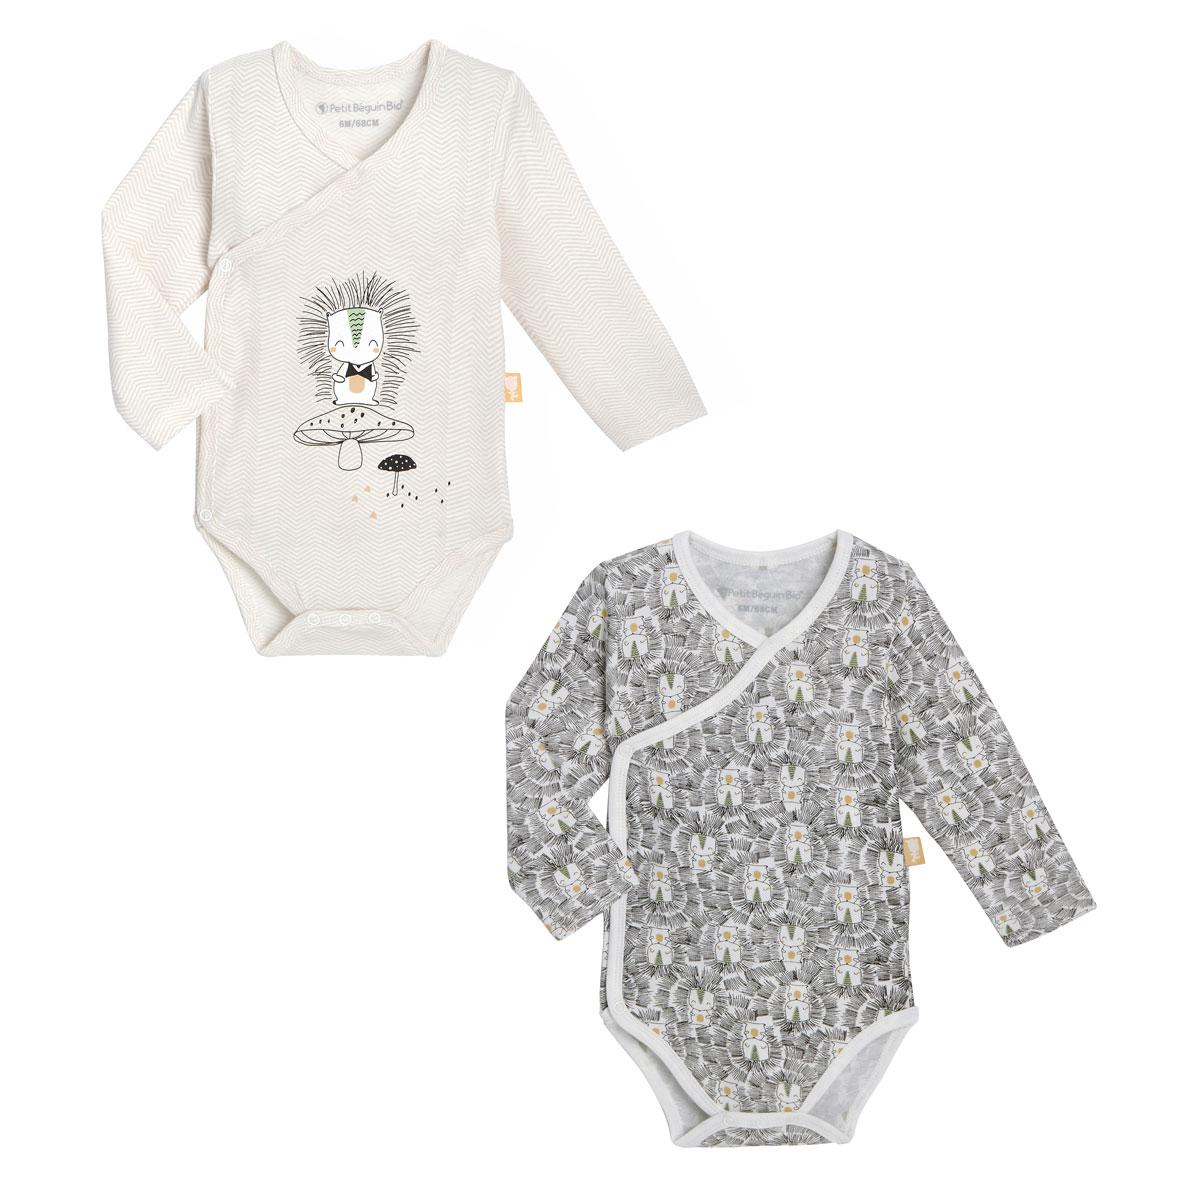 Lot de 2 bodies bébé mixte croisés manches longues contenant du coton bio Shuiro